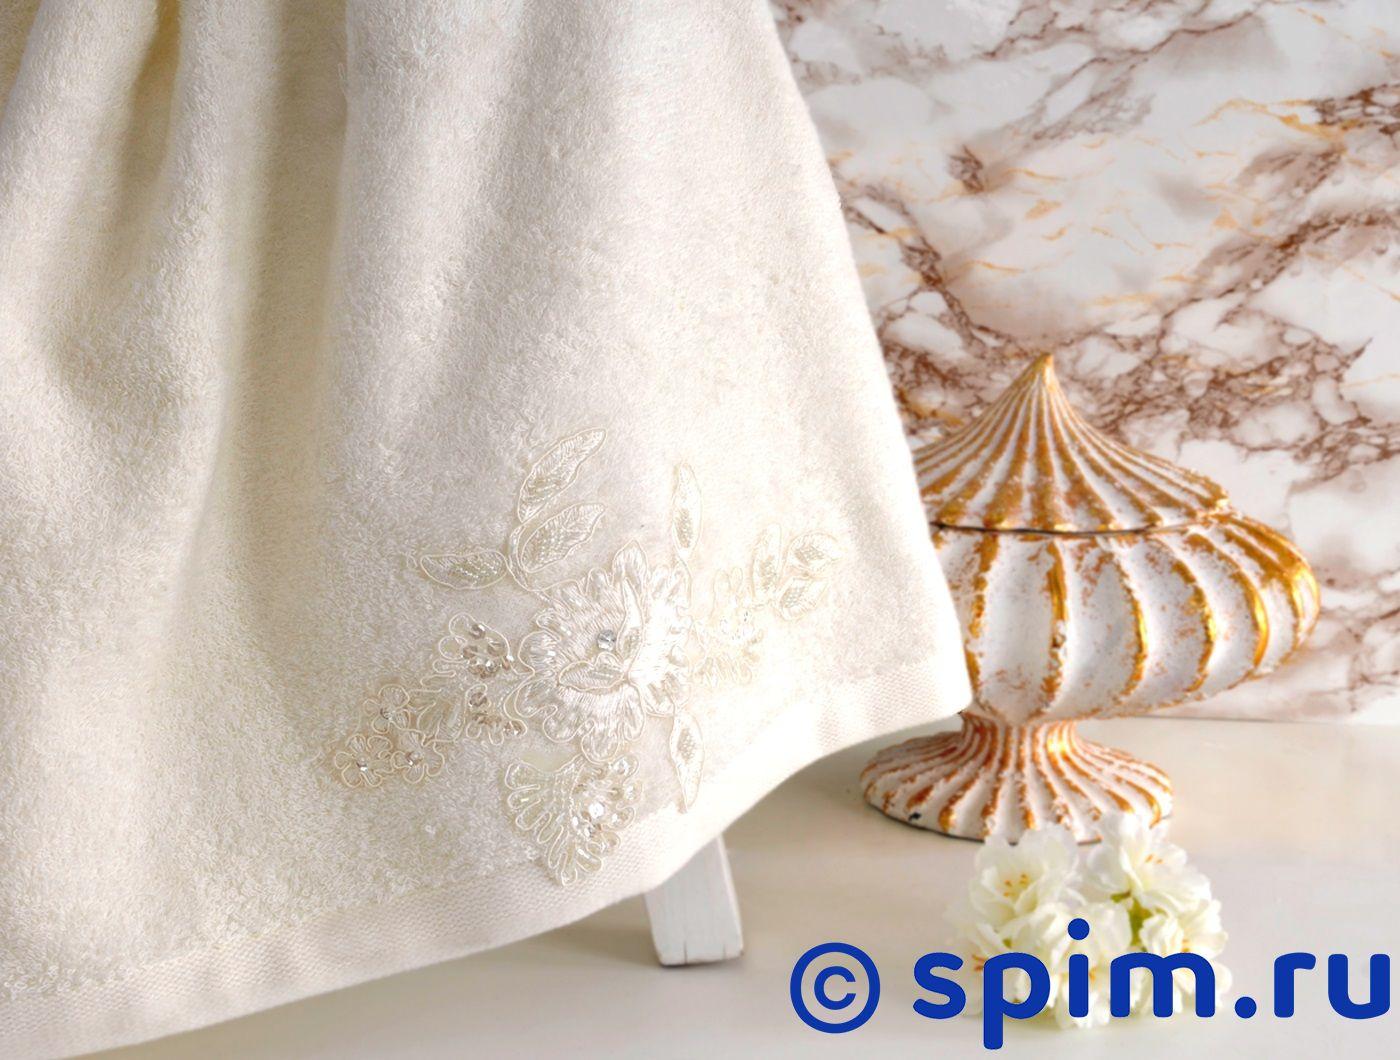 Полотенце Irya Show 85х150 см с гипюром, молочное